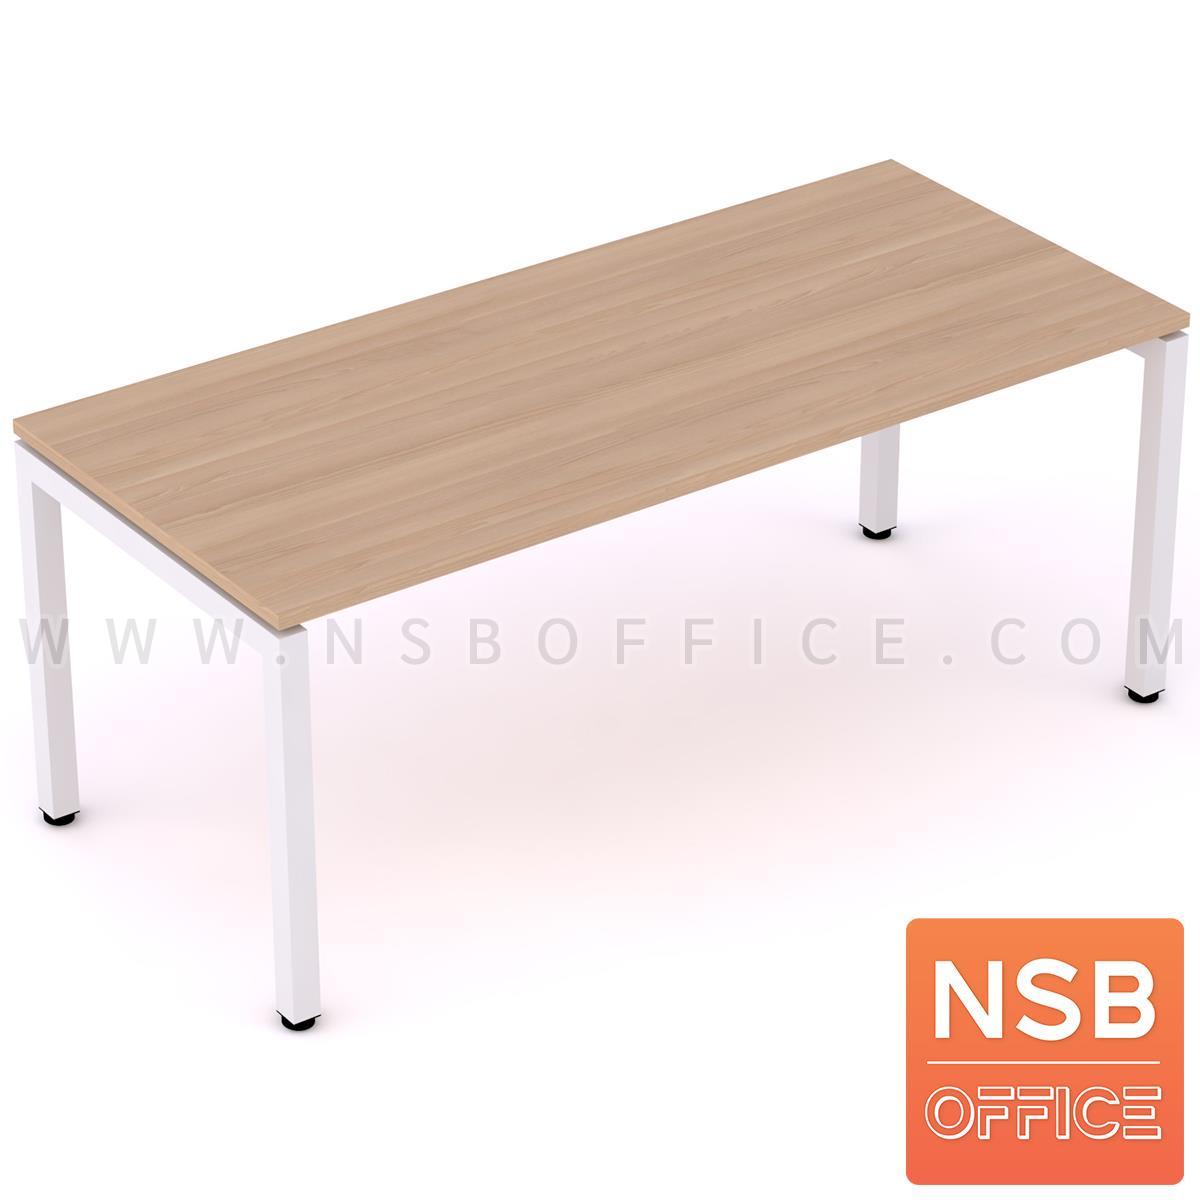 โต๊ะทำงานโล่ง  ขนาด 120W ,135W ,150W ,180W (60D,80D) cm.  ขาเหล็กเหลี่ยม